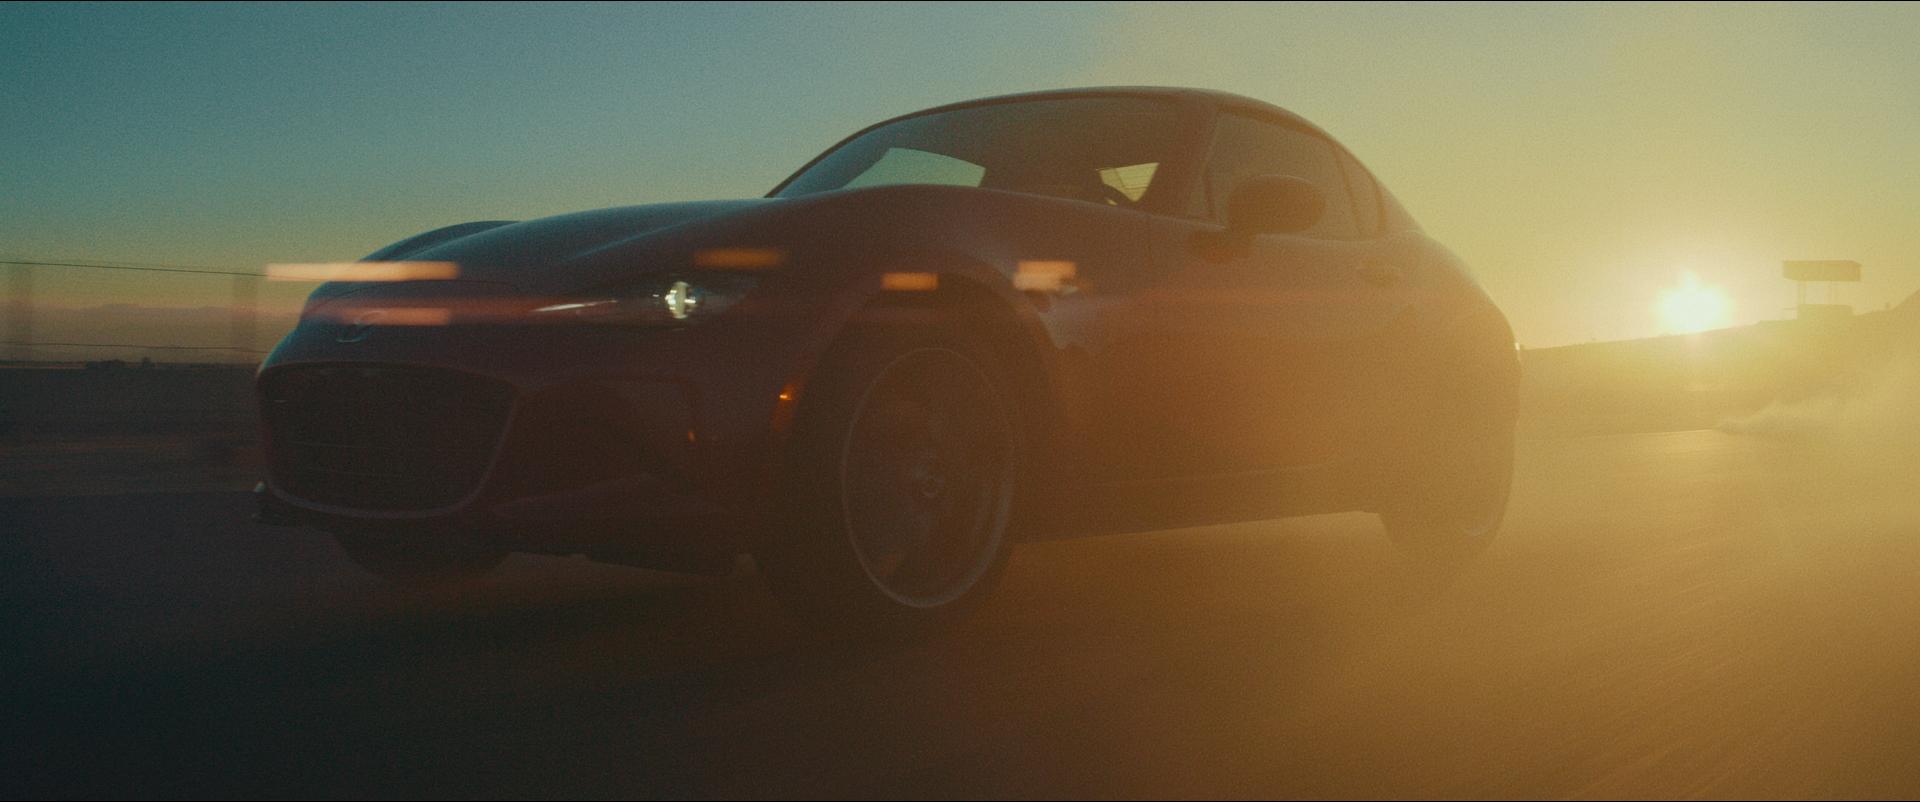 Mazda_Anthem_Web 1.jpg